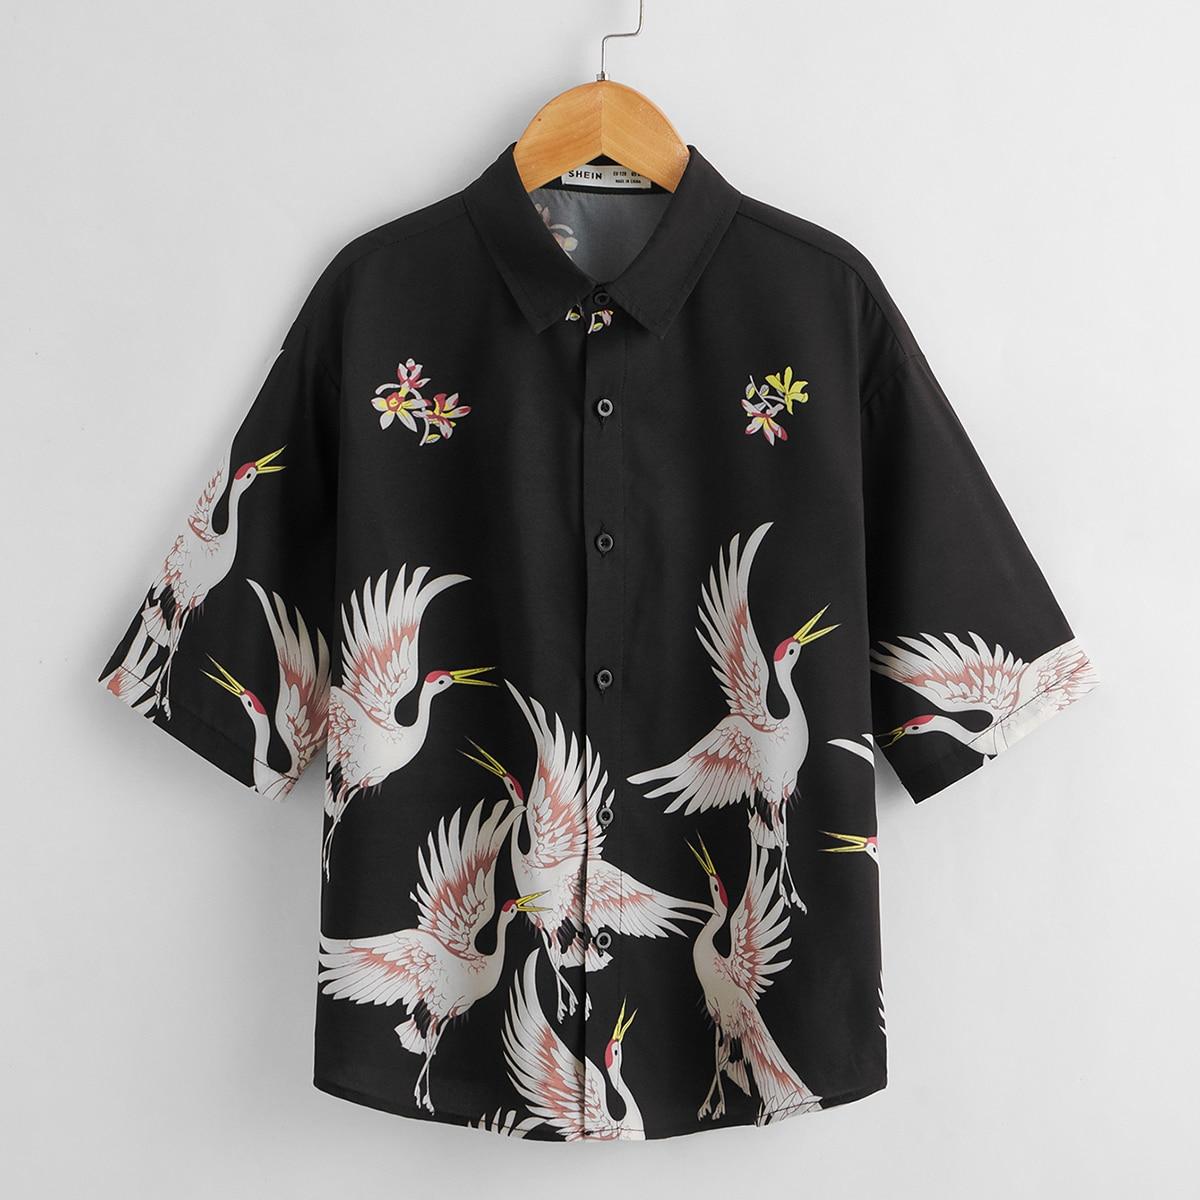 Рубашка с принтом лебедя и цветка для мальчиков от SHEIN